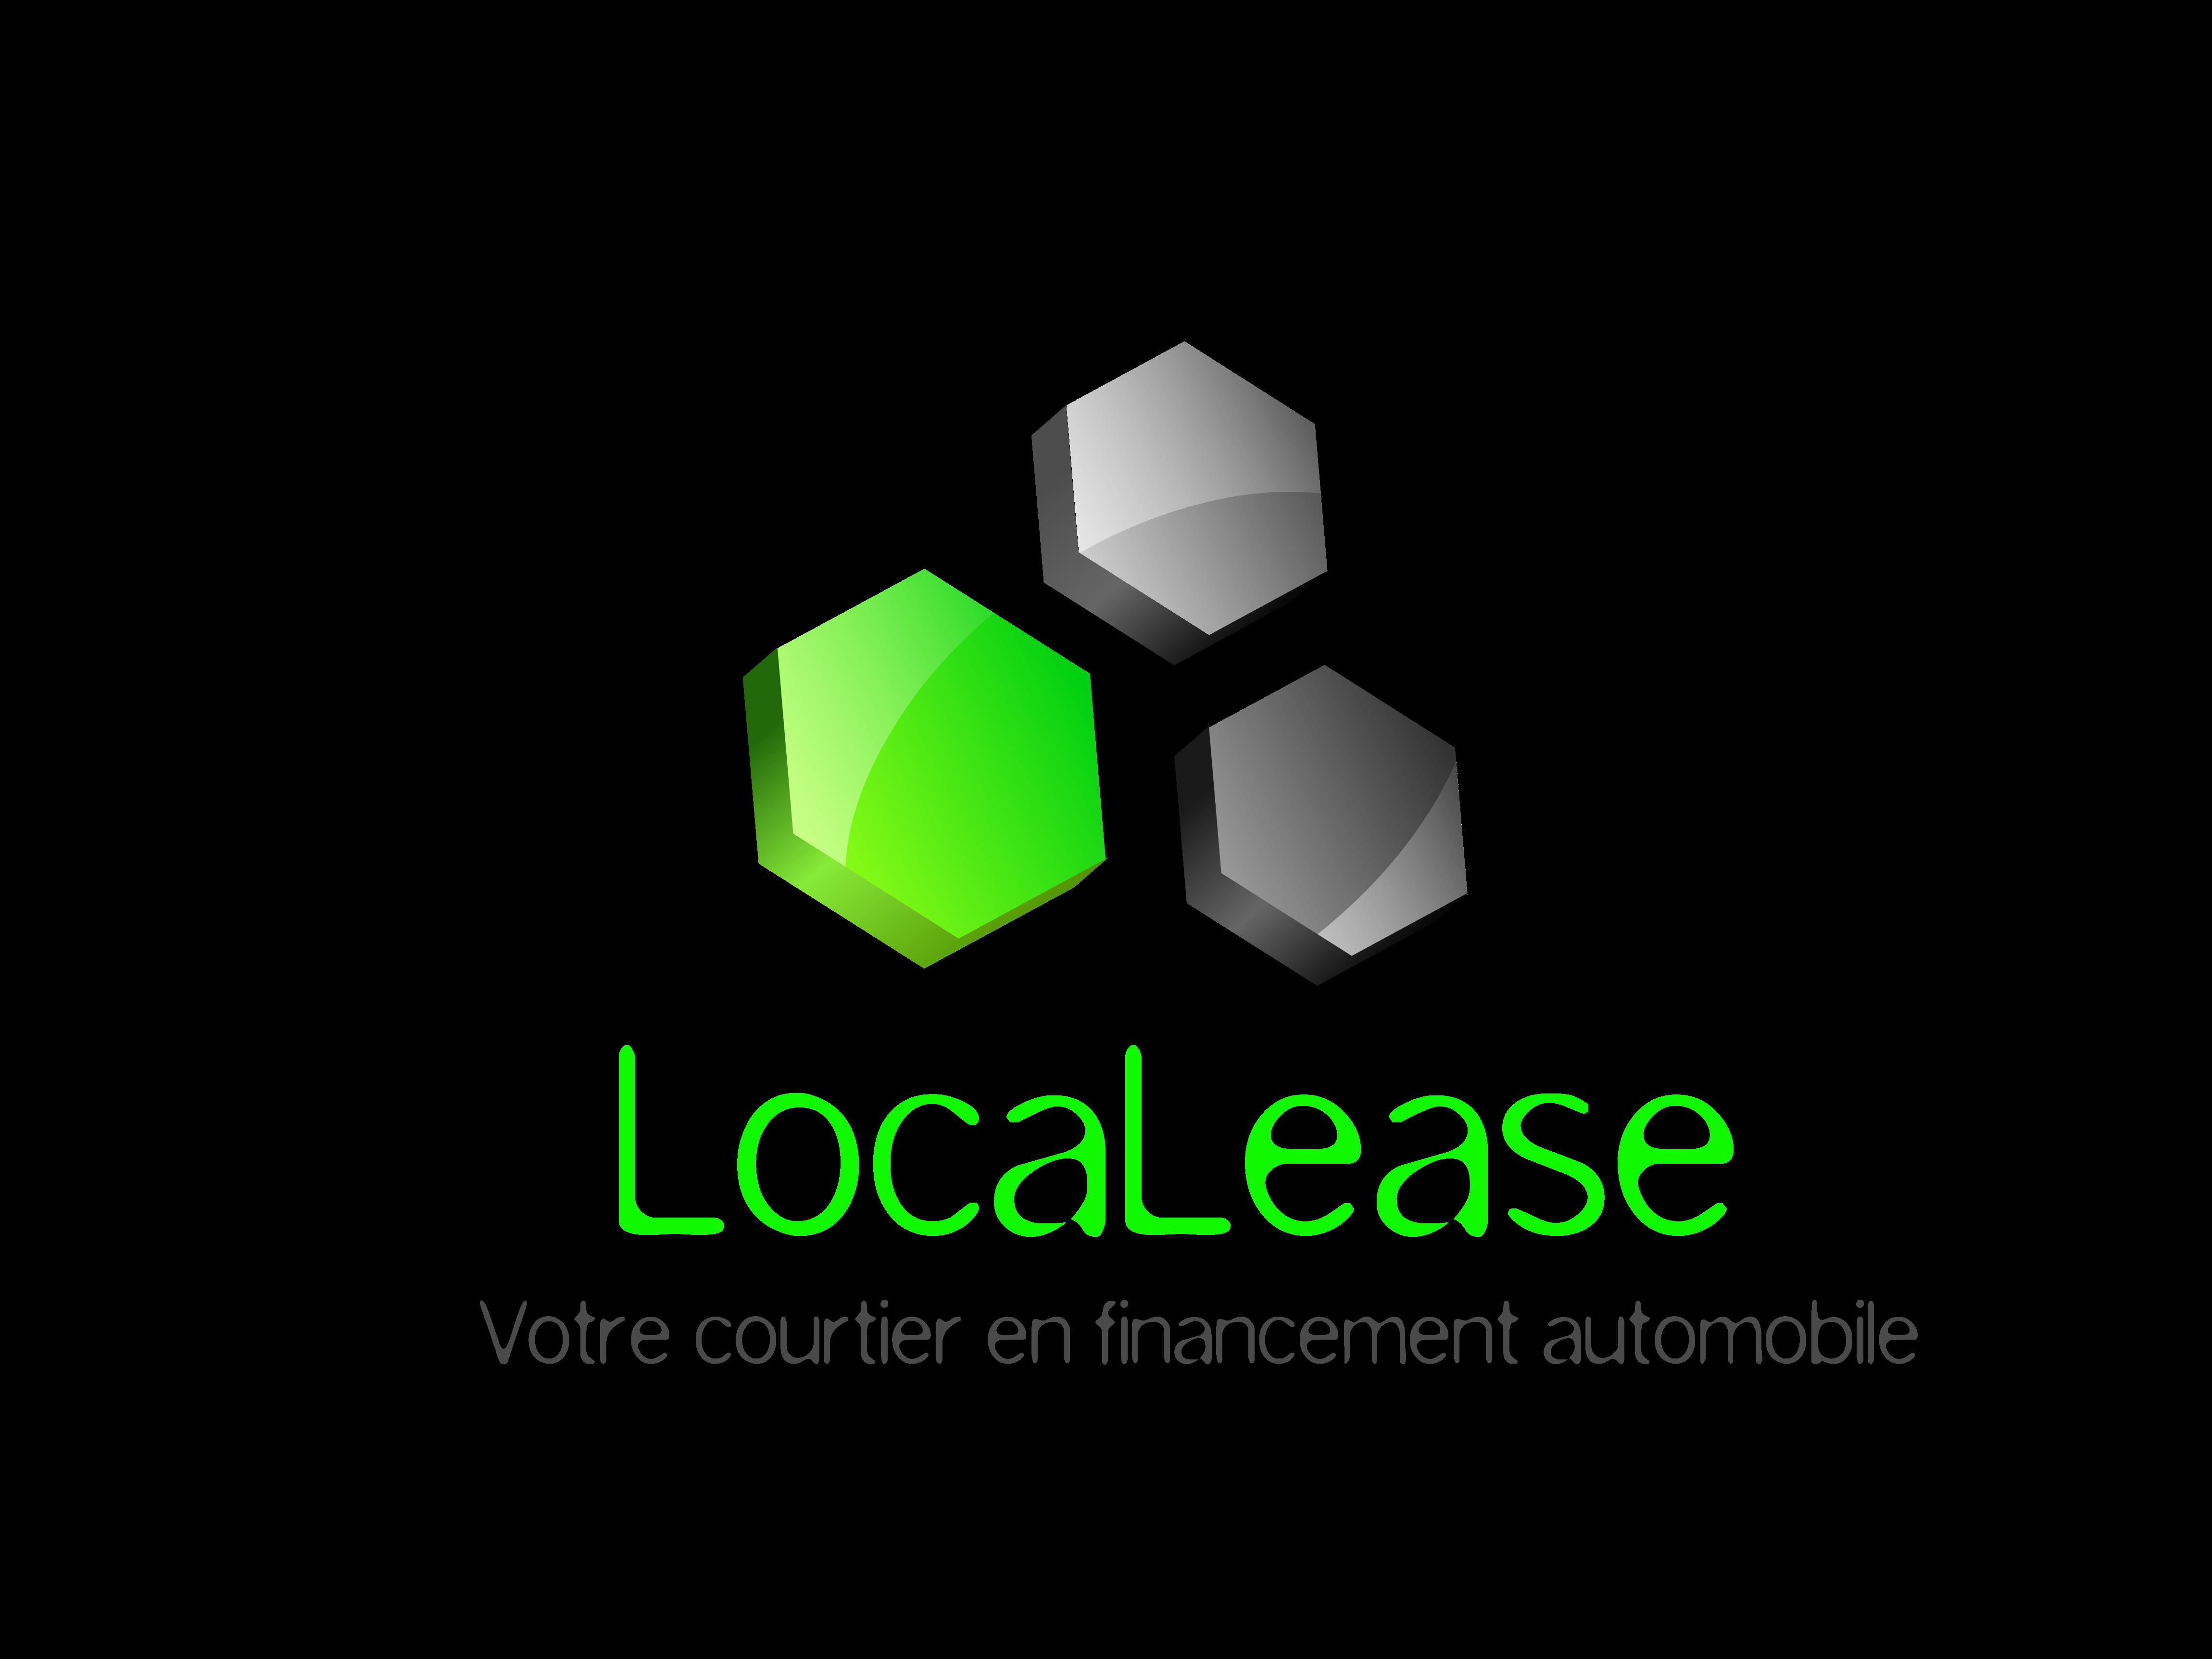 localease-logo-blanc